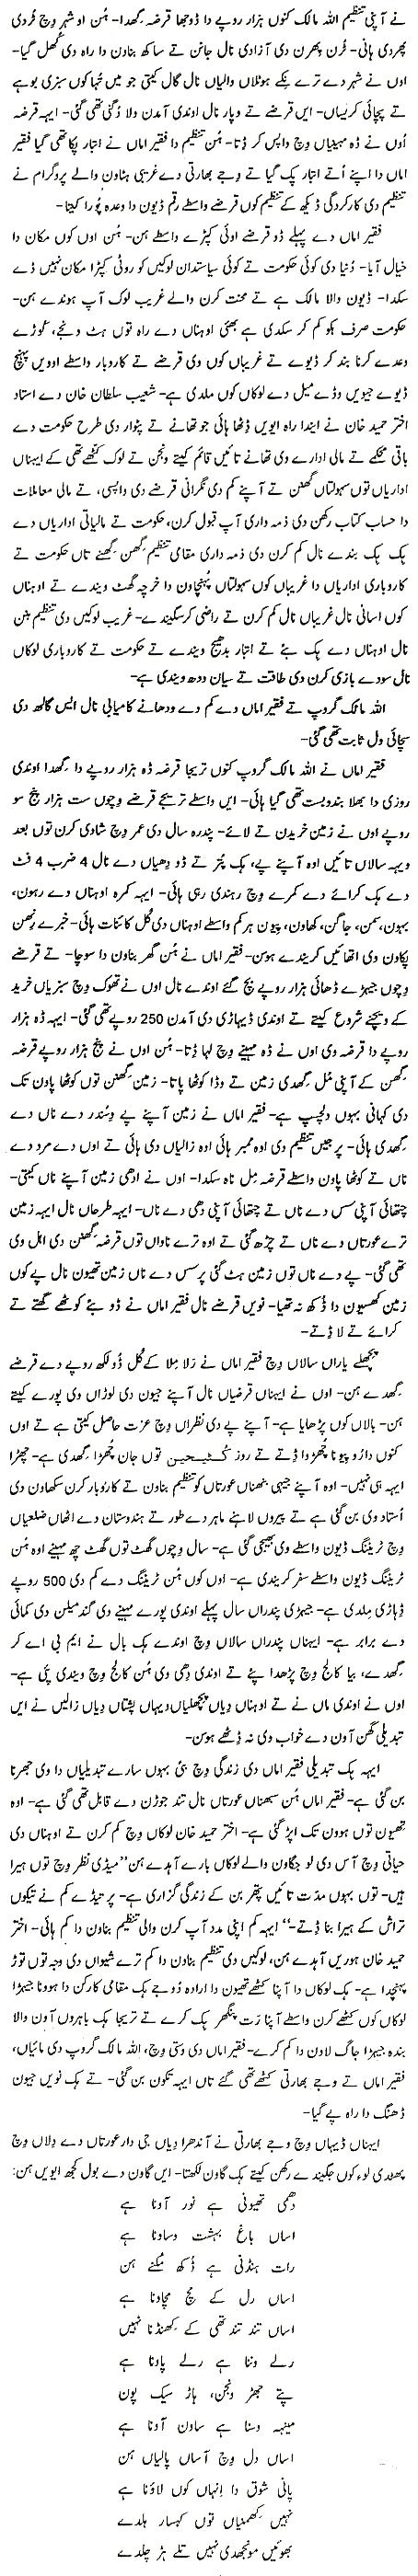 Faqir Amma (Fayyaz Baqir) Part-3